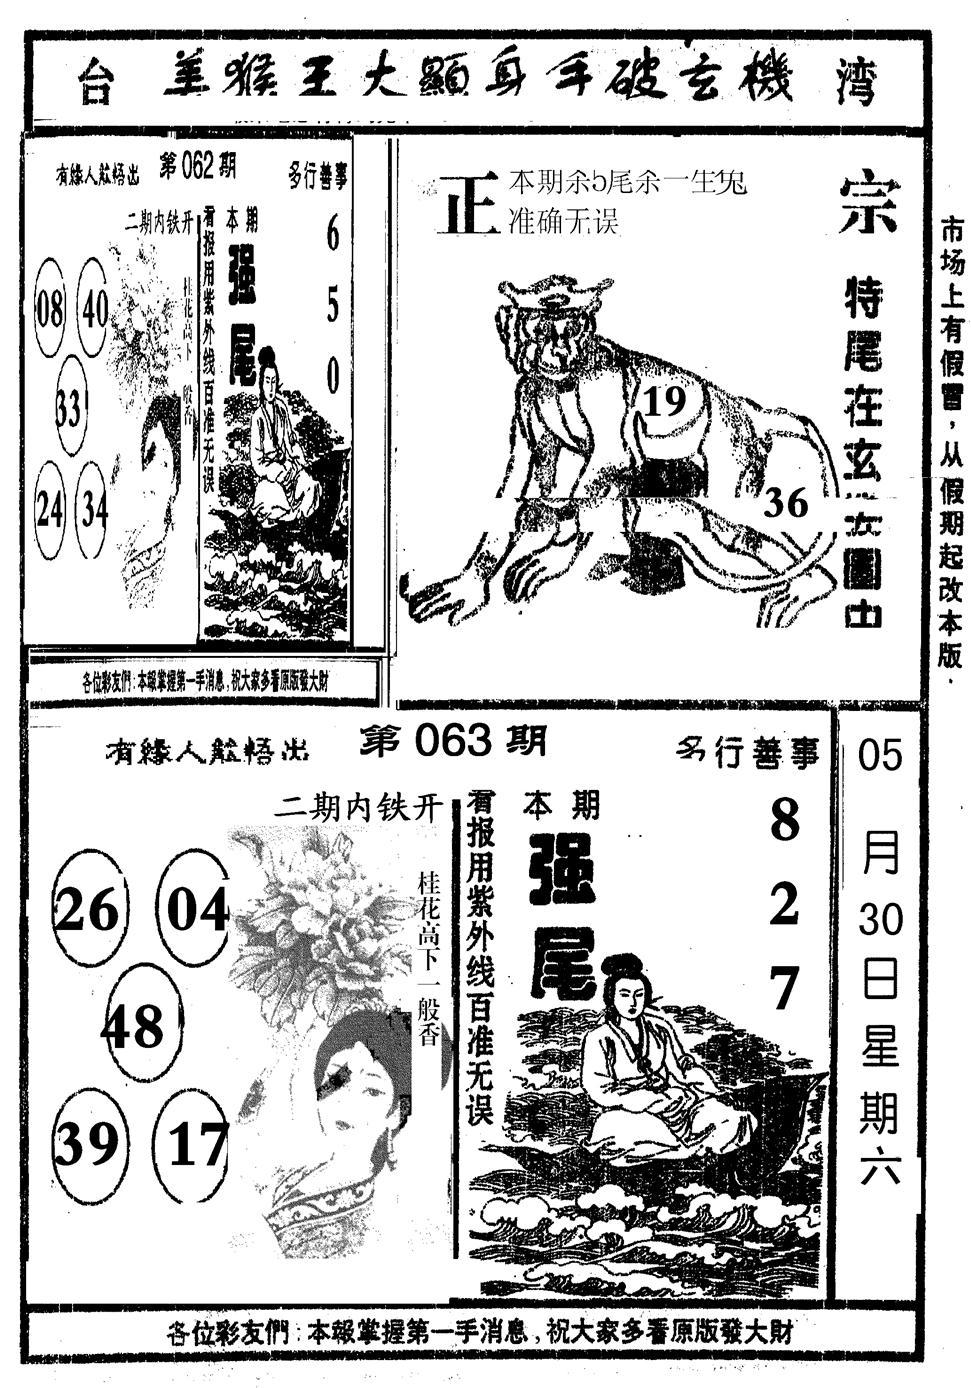 063期美猴王(黑白)